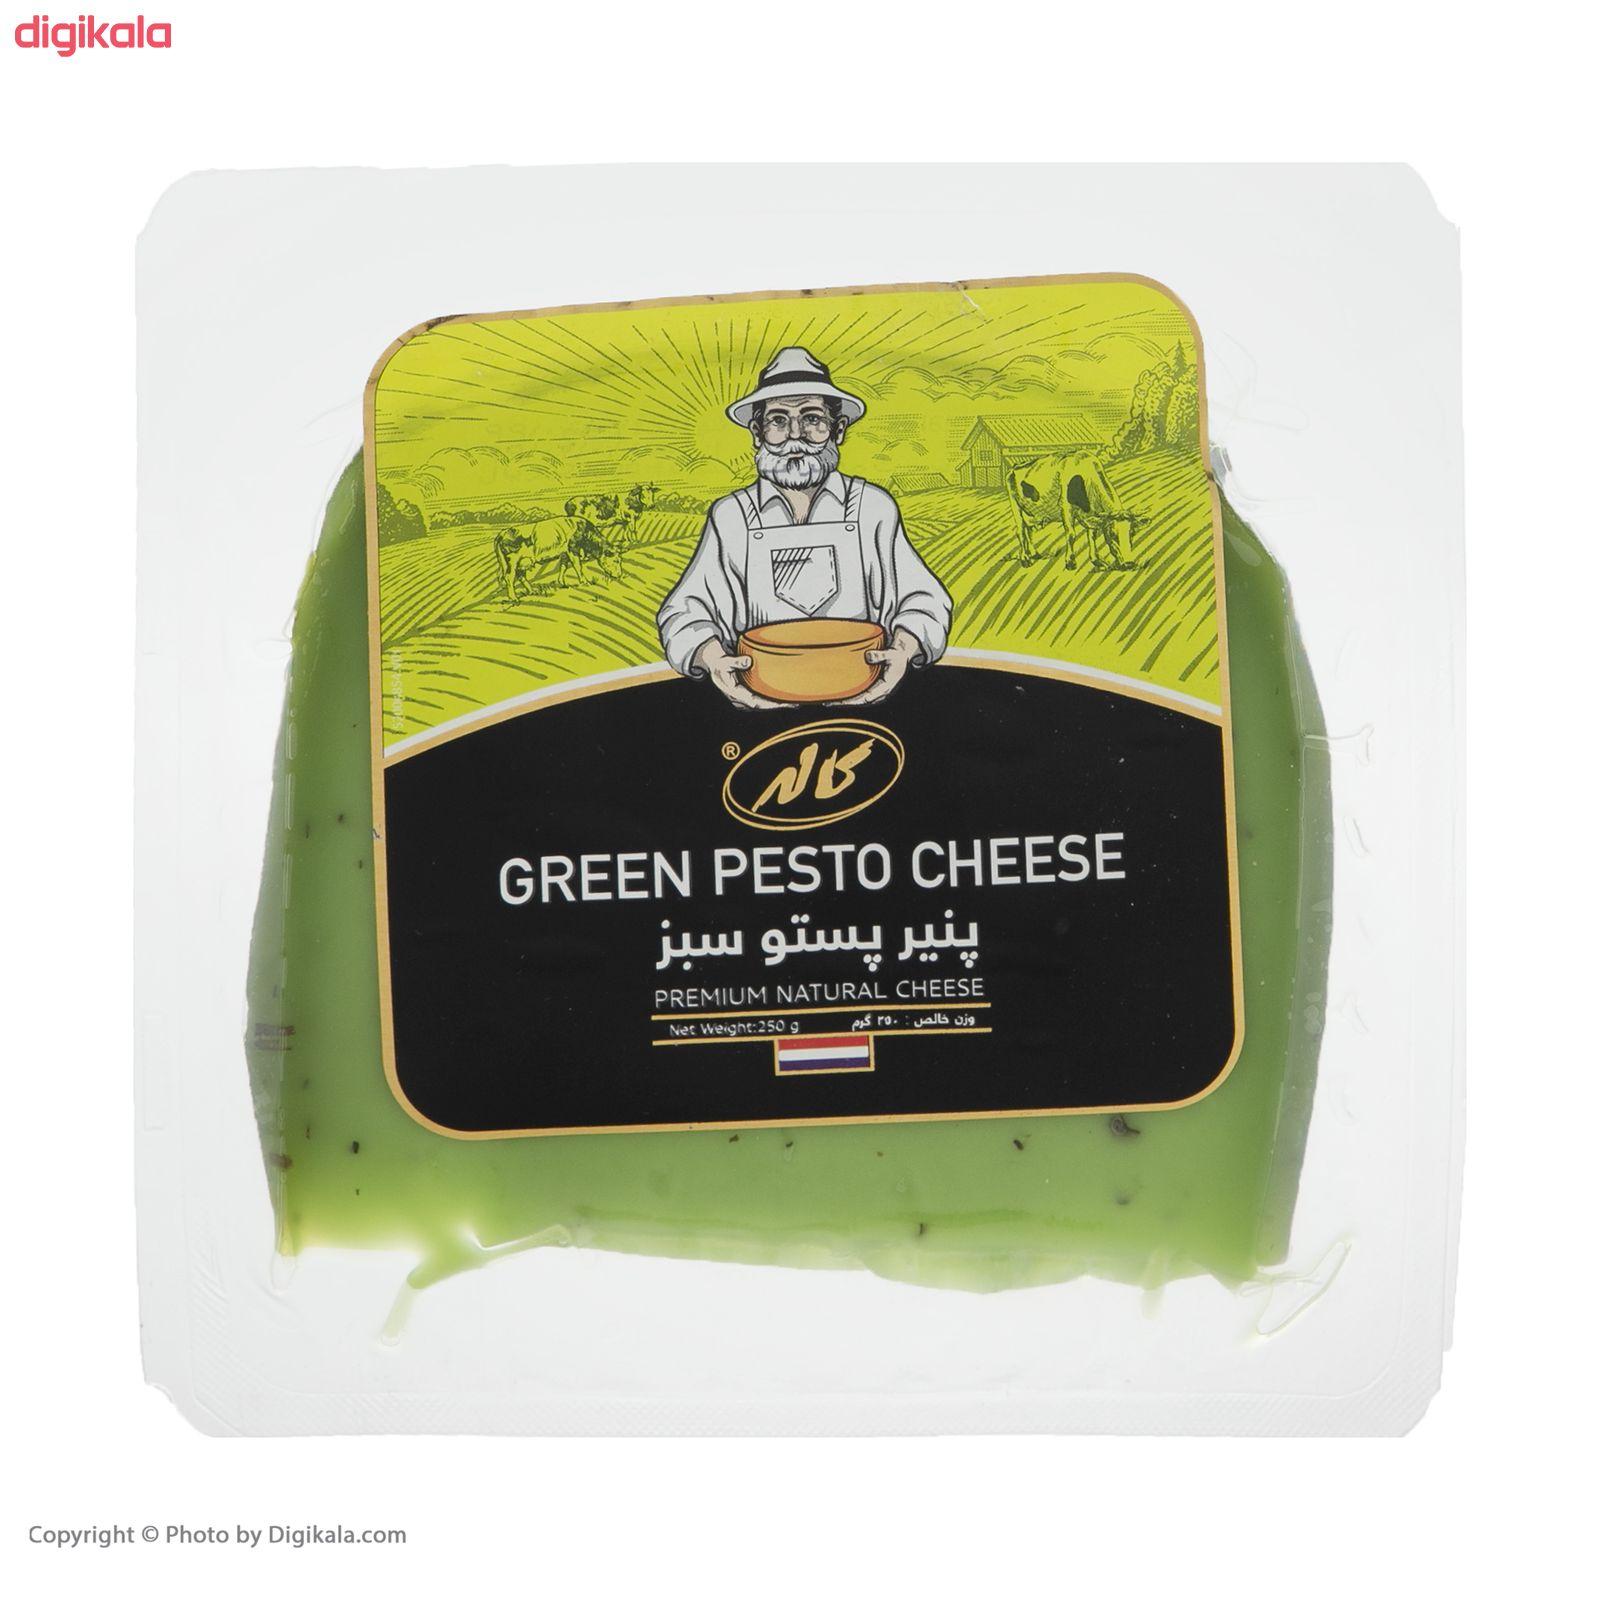 پنیر گودا پستو سبز کاله مقدار 250 گرم main 1 1